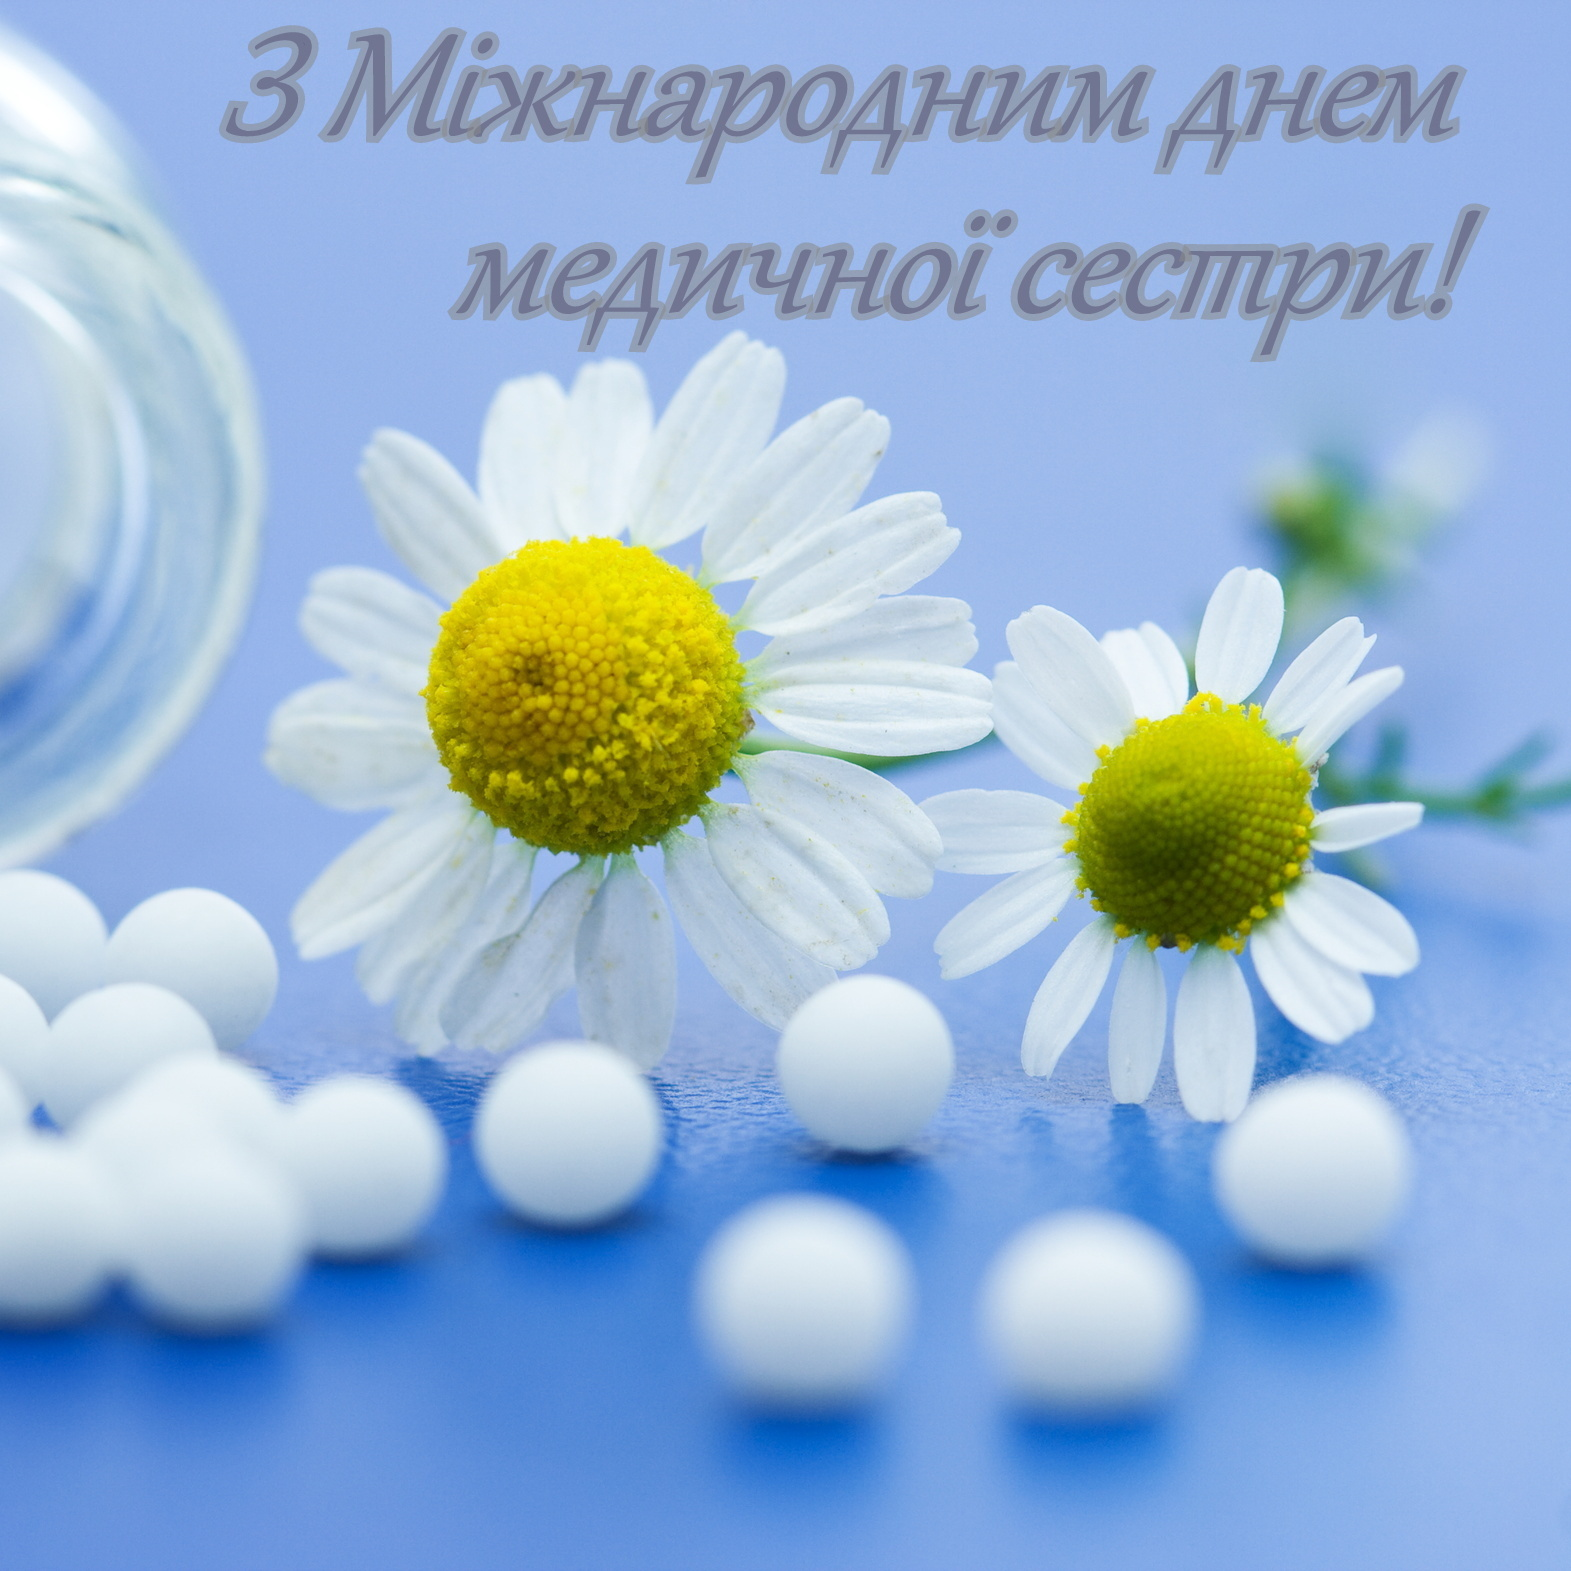 12 травня – Всесвітній день медичної сестри